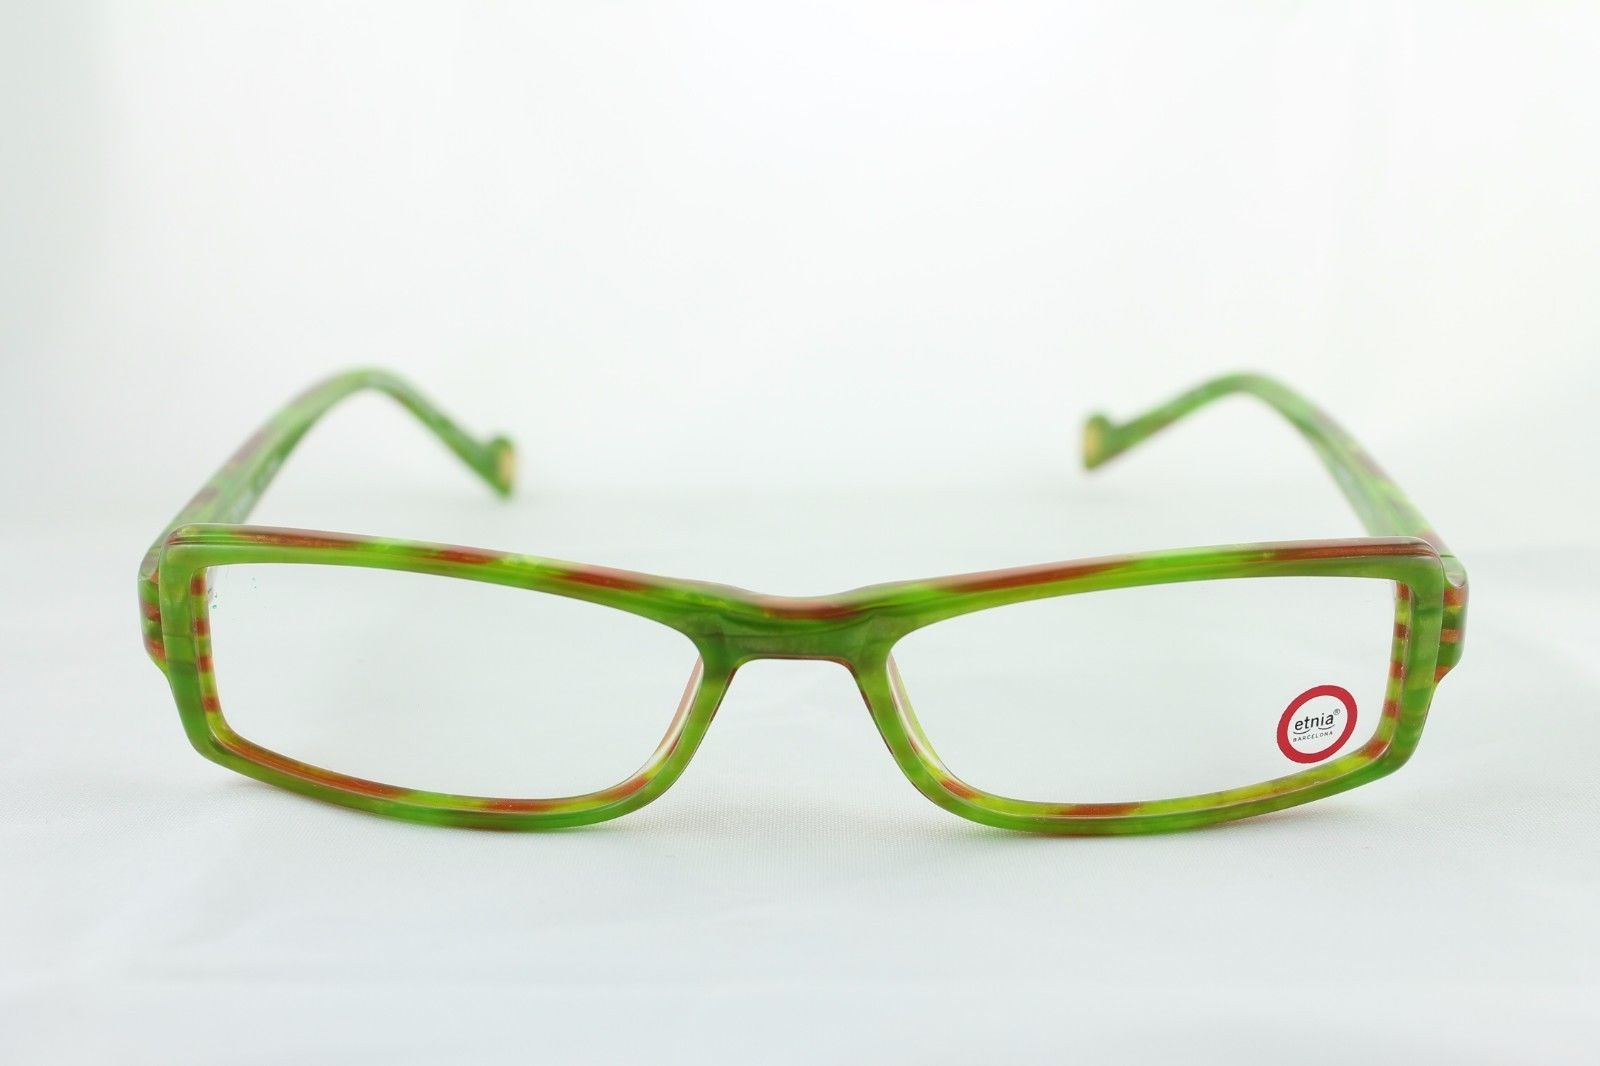 etnia special eyeglasses frame high quality multicolor